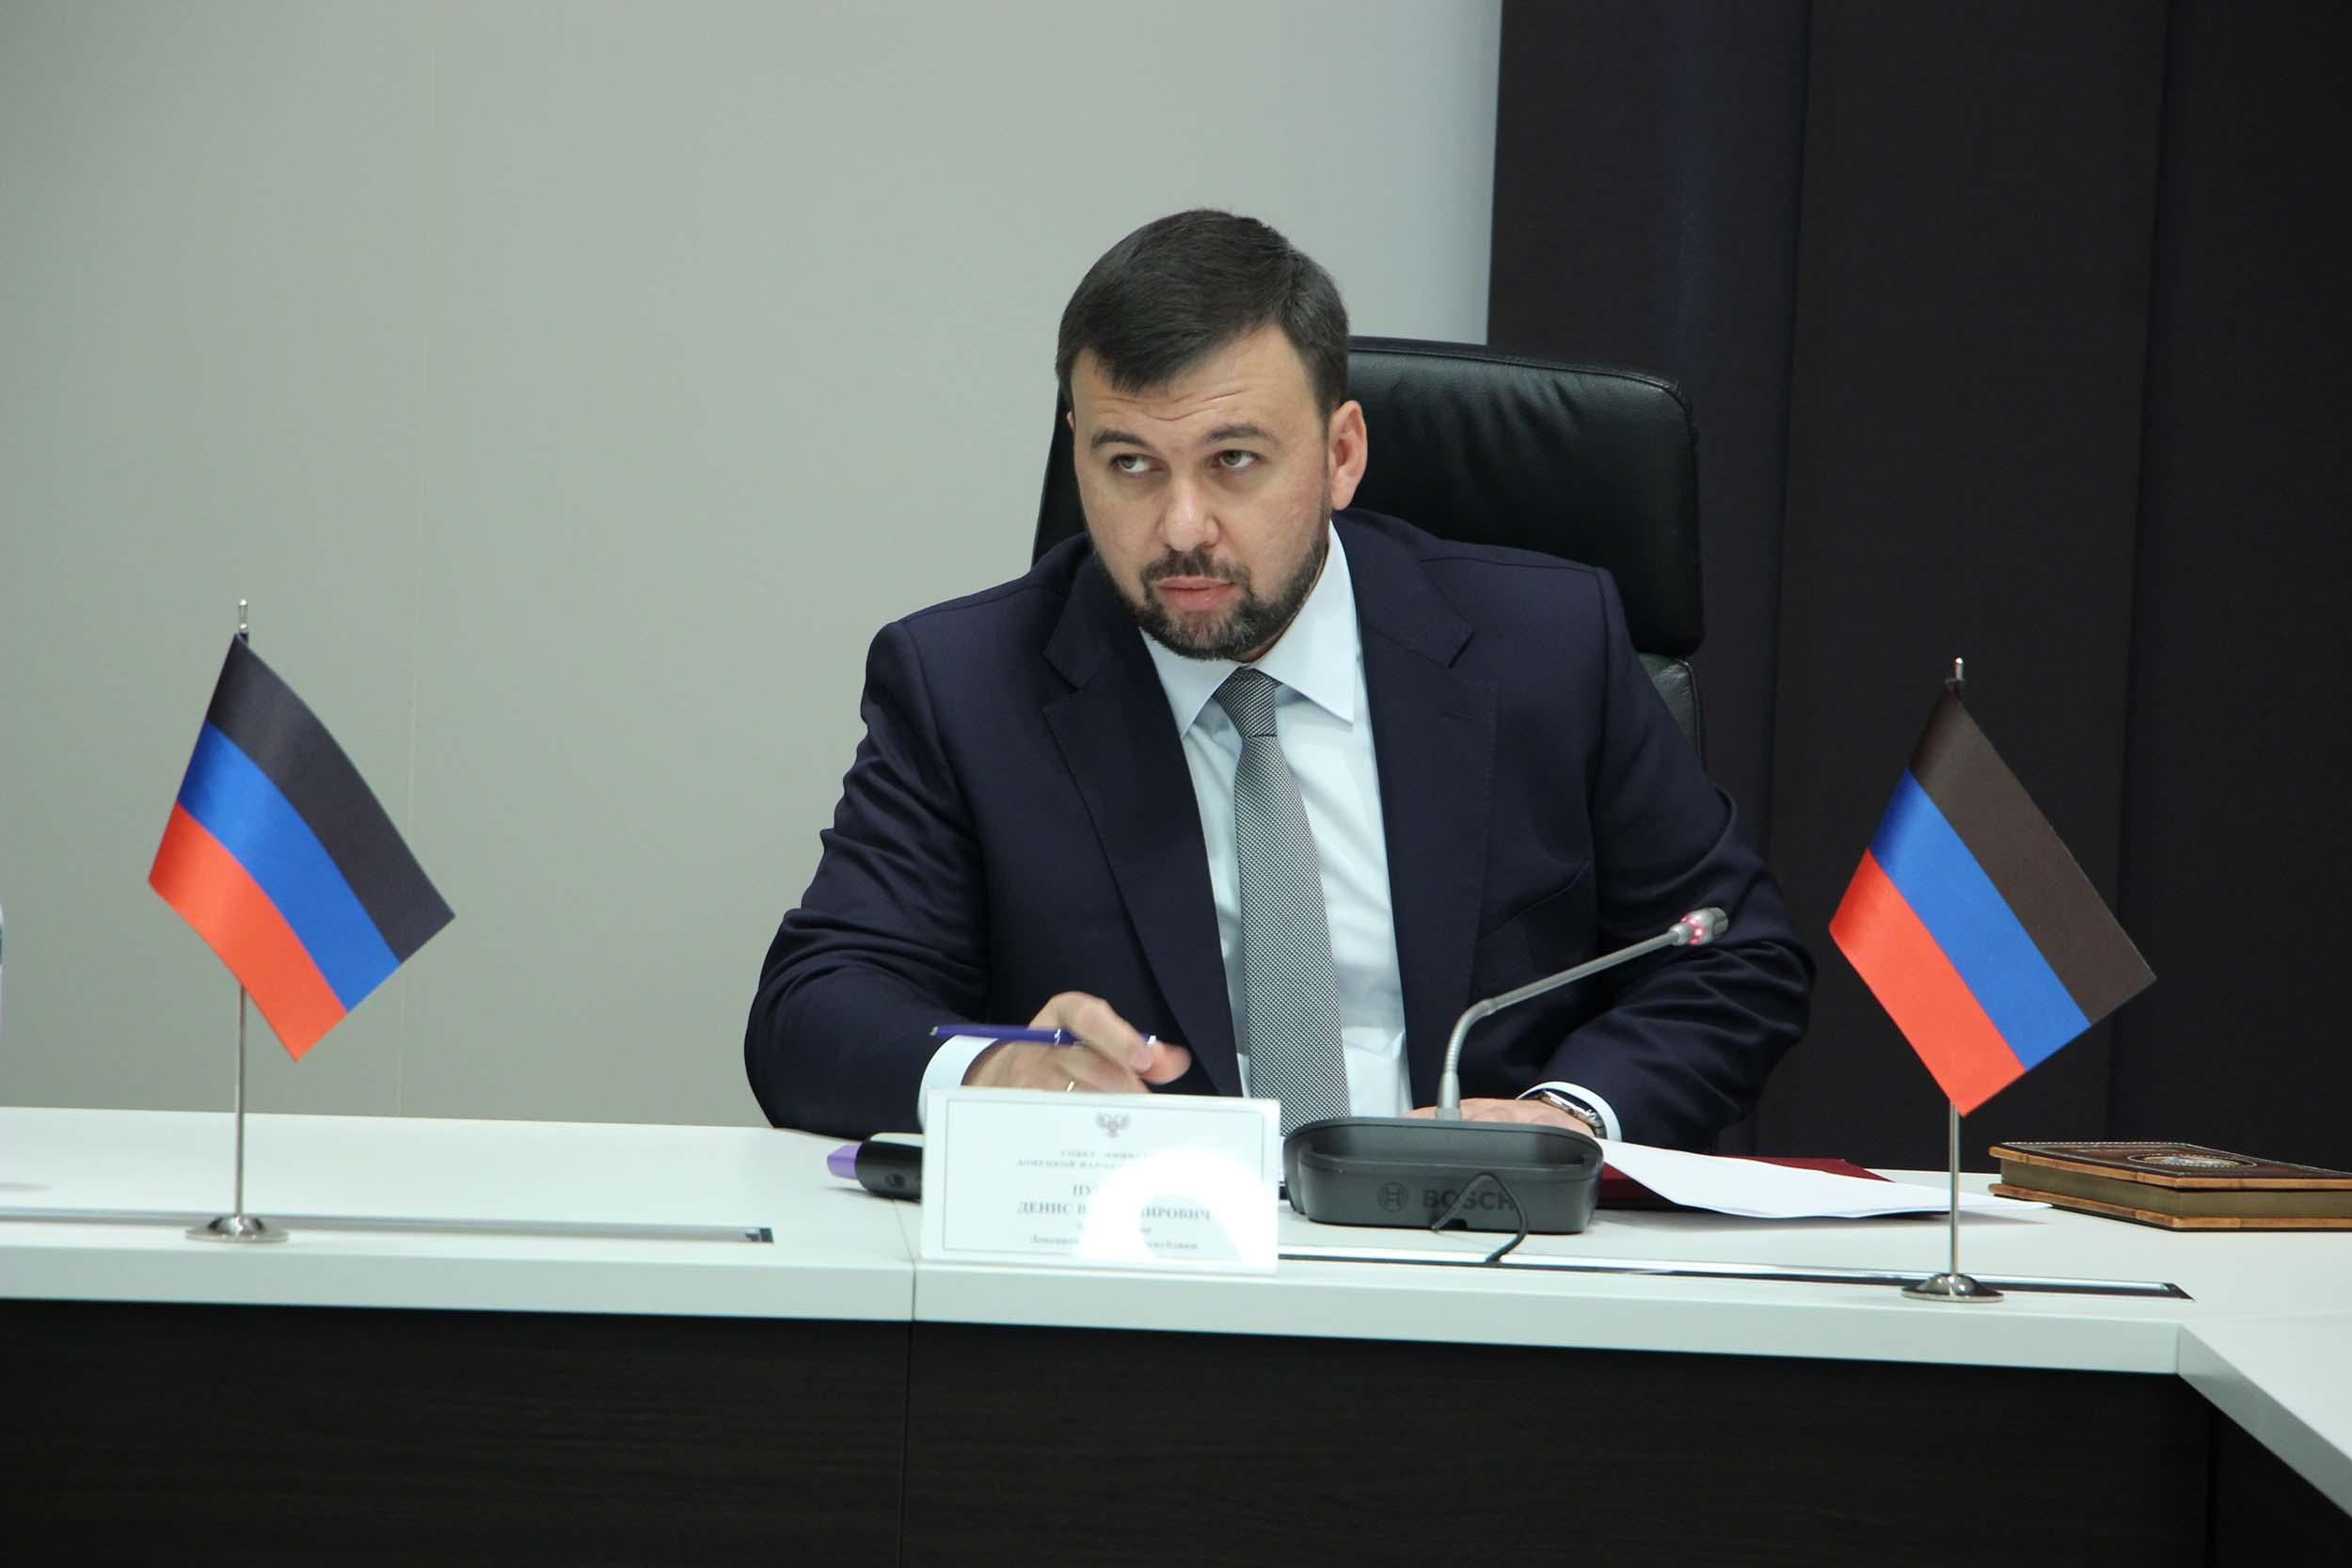 Под председательством врио Главы ДНР Дениса Пушилина состоялось очередное заседание Совета Министров